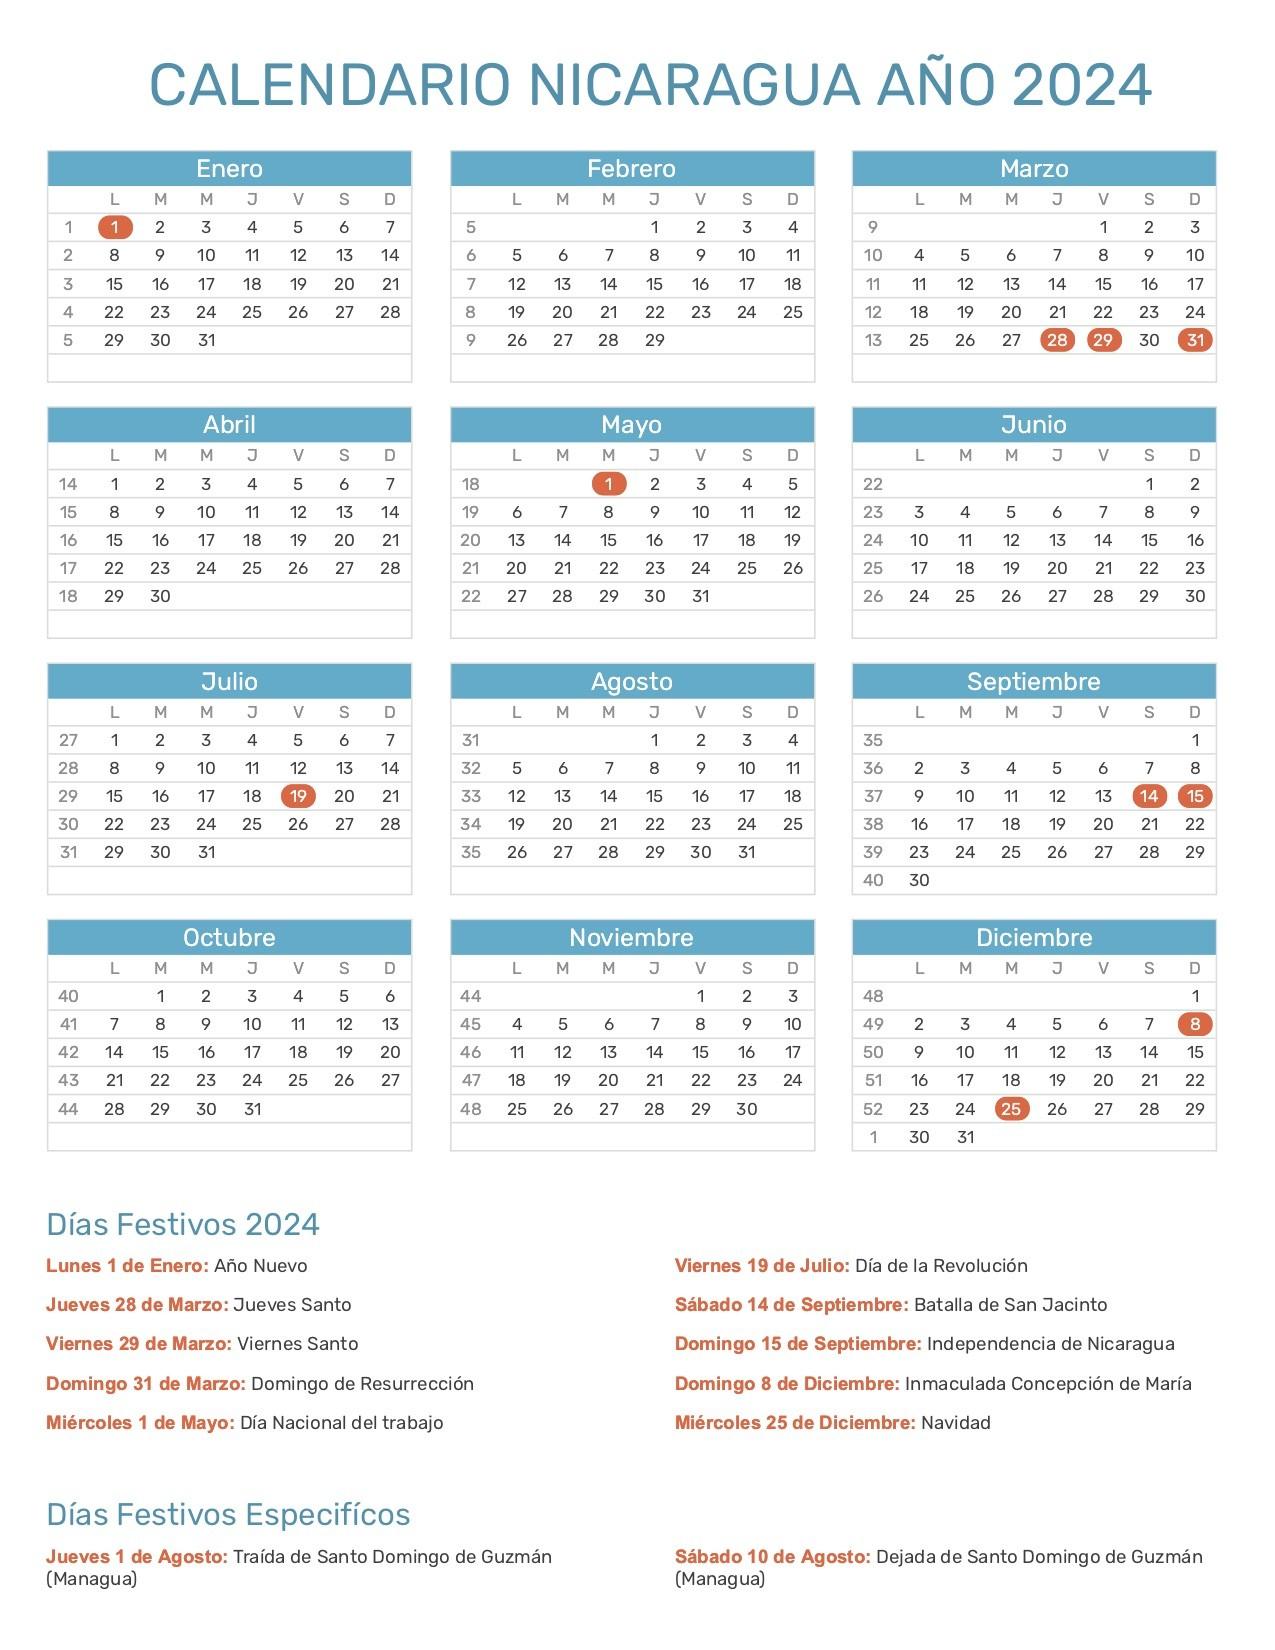 calendario nicaragua 2024